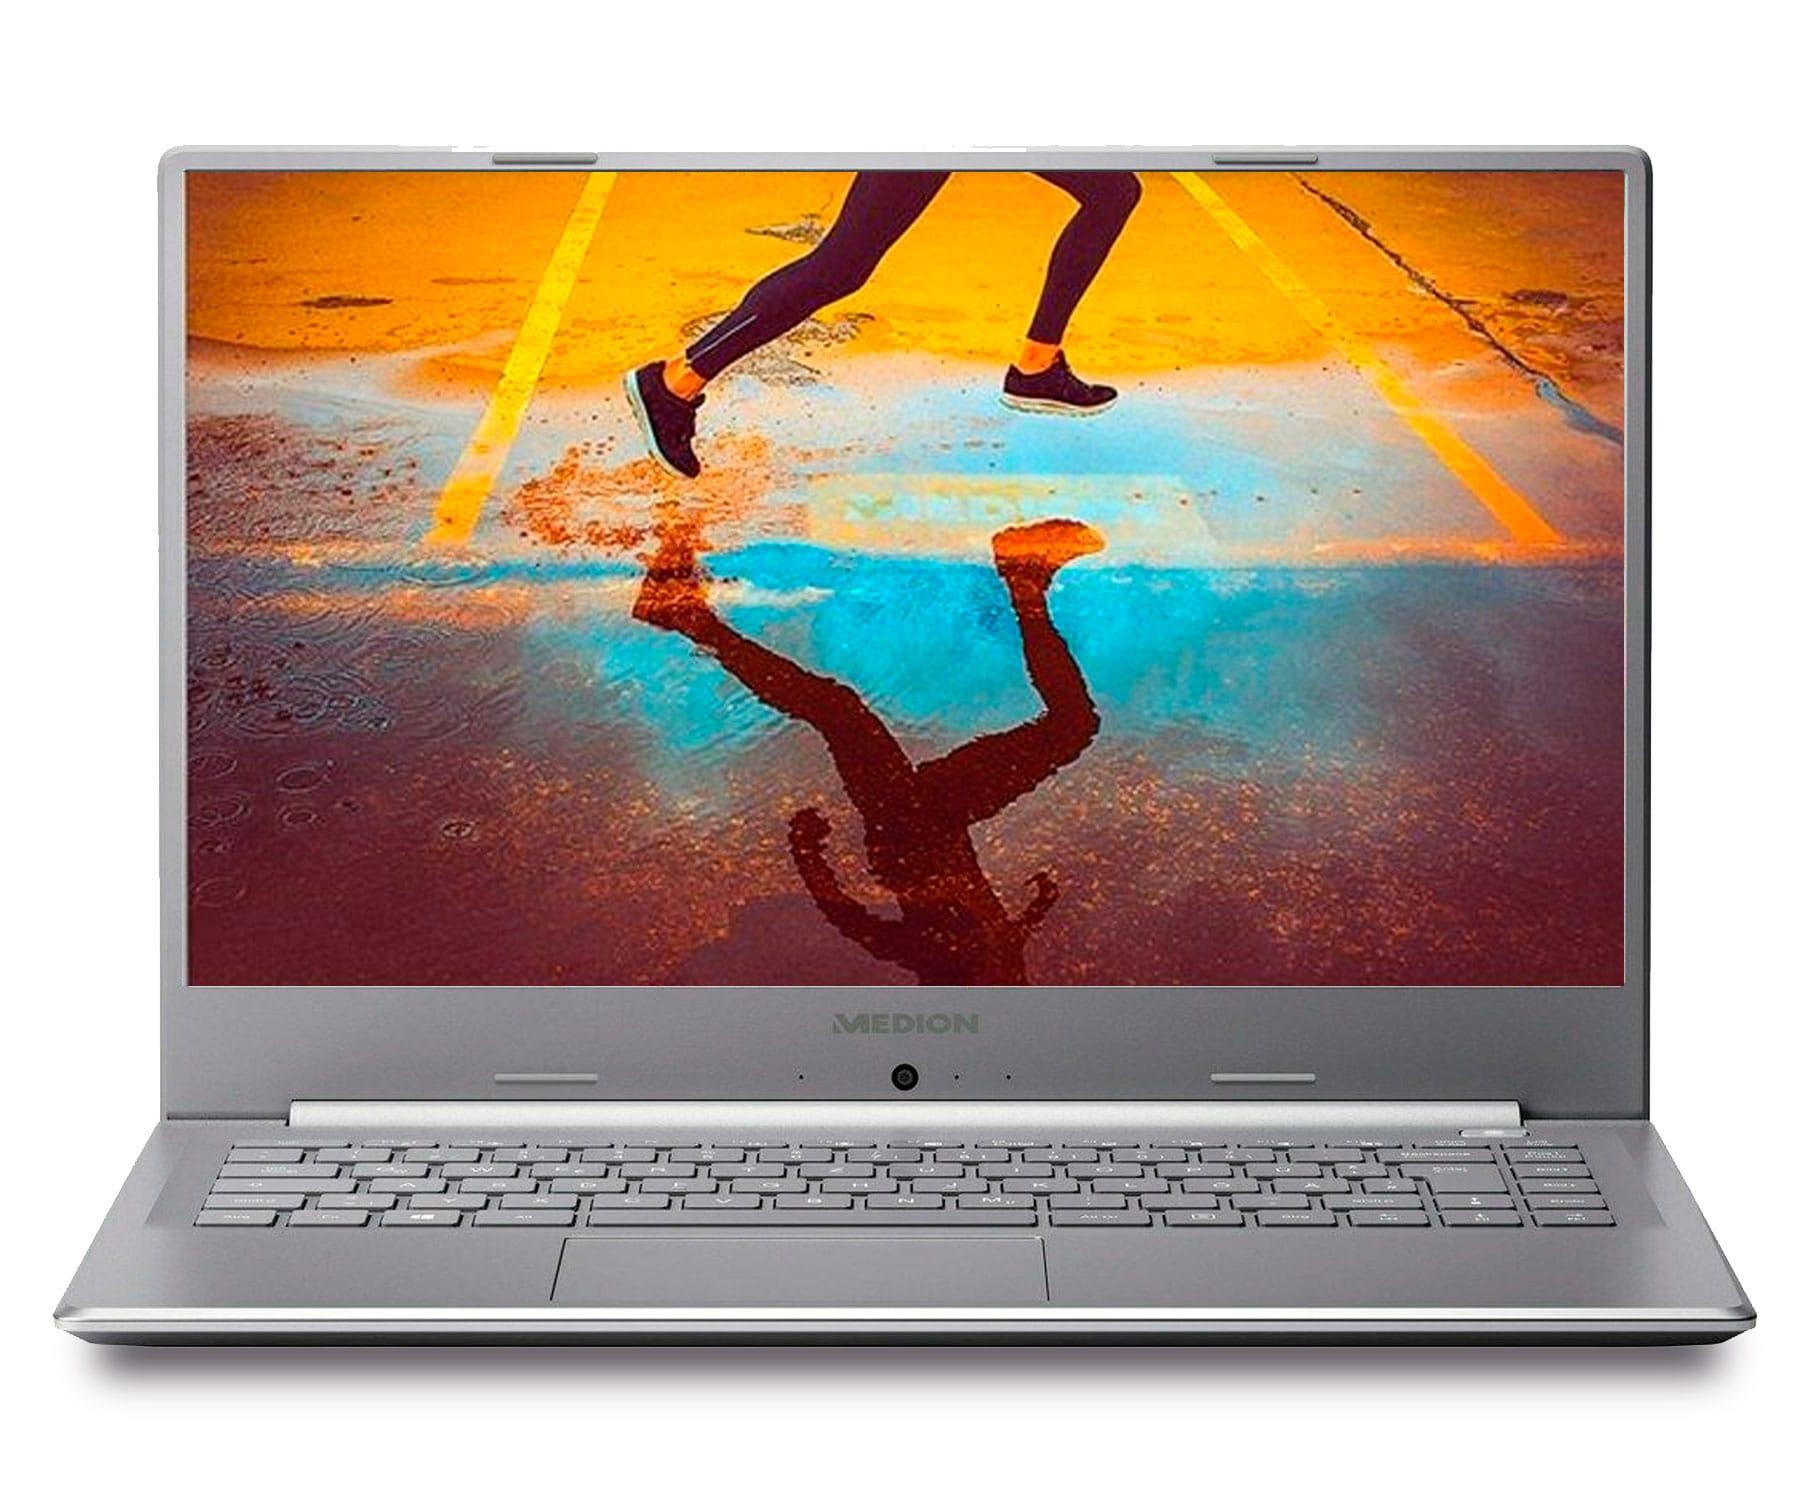 MEDION AKOYA E6247 INTEL CELERON N4020/8GB/256GB SSD/15.6'' FullHD/PLATA/FREEDOS